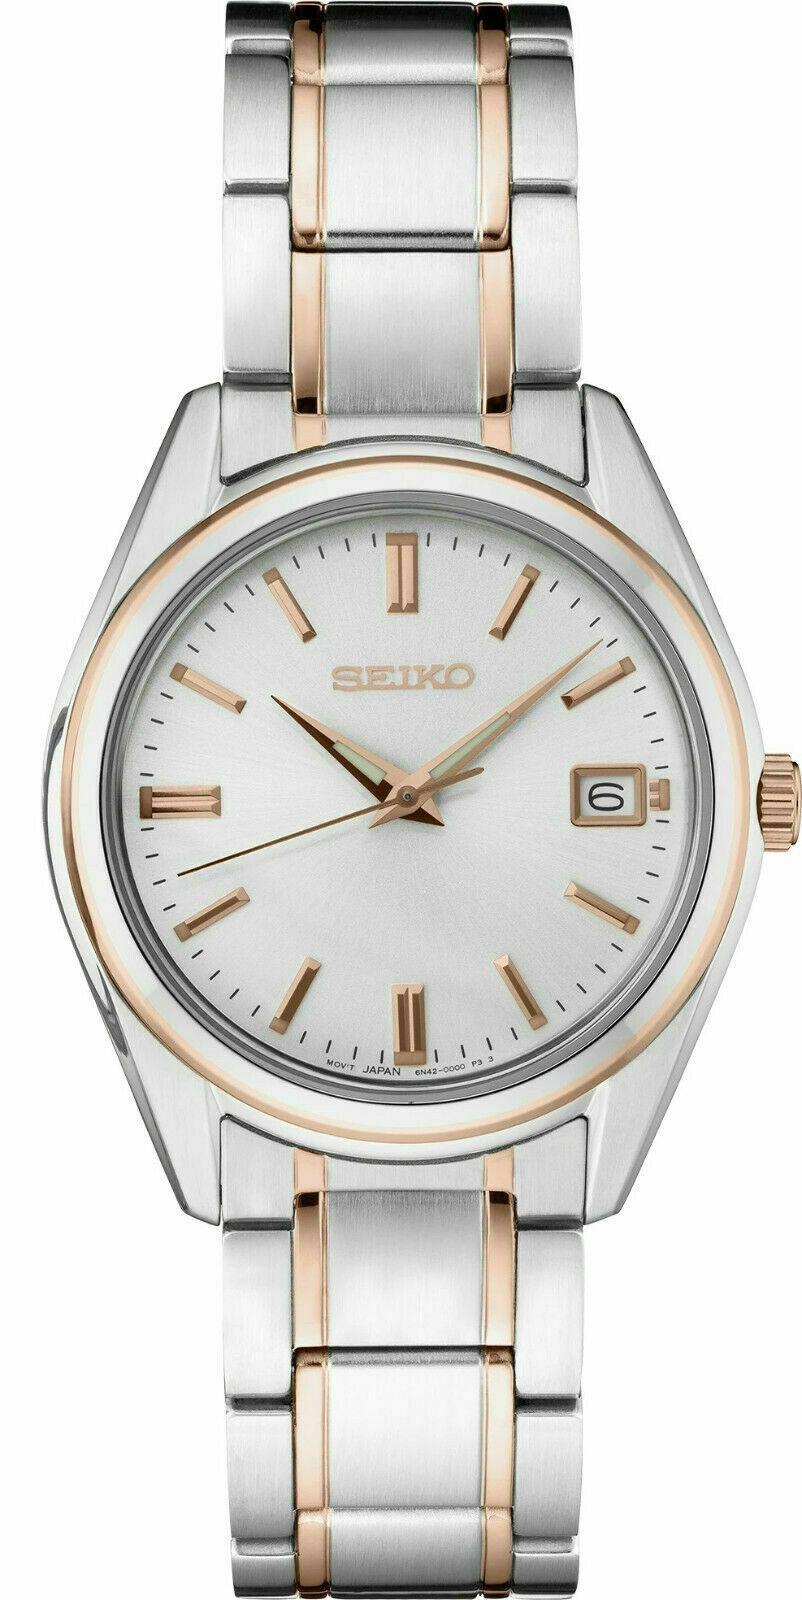 New Seiko Quartz White Dial Two-Tone Steel Bracelet Women's Watch SUR322